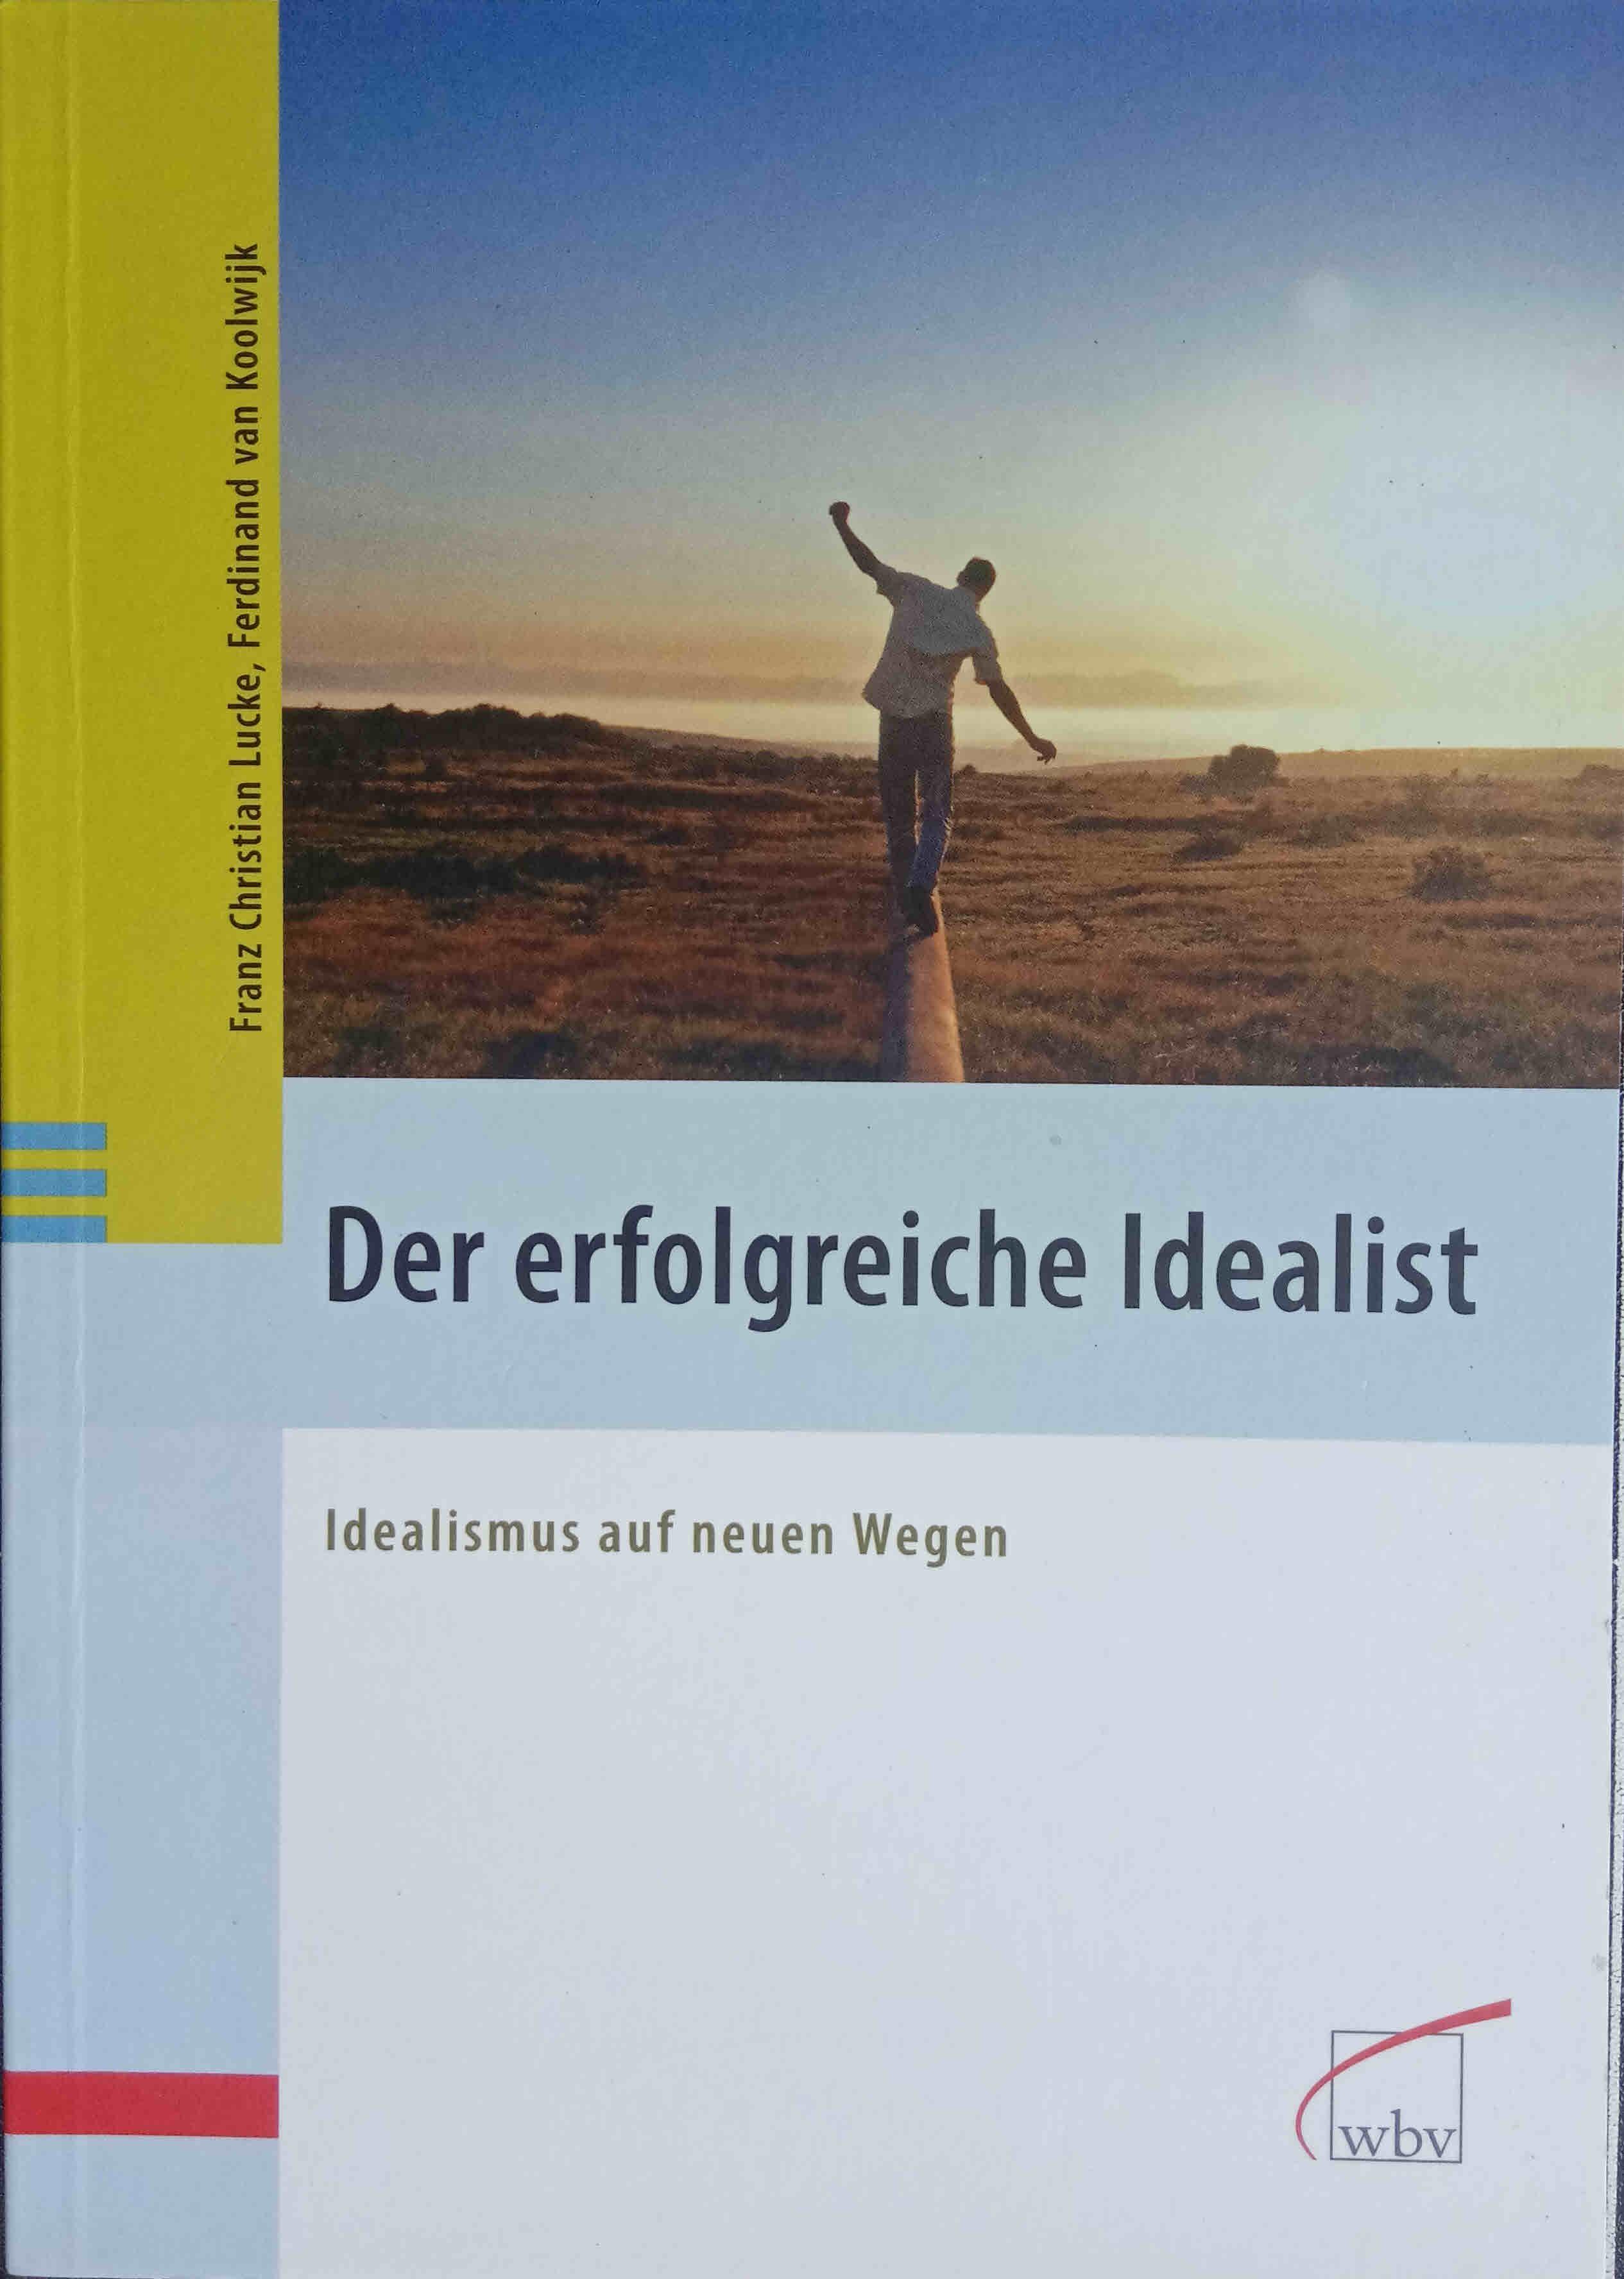 Der erfolgreiche Idealist : Idealismus auf neuen Wegen. Franz Christian Lucke ; Ferdinand van Koolwijk - Lucke, Franz Christian und Ferdinand J. C. M. van Koolwijk